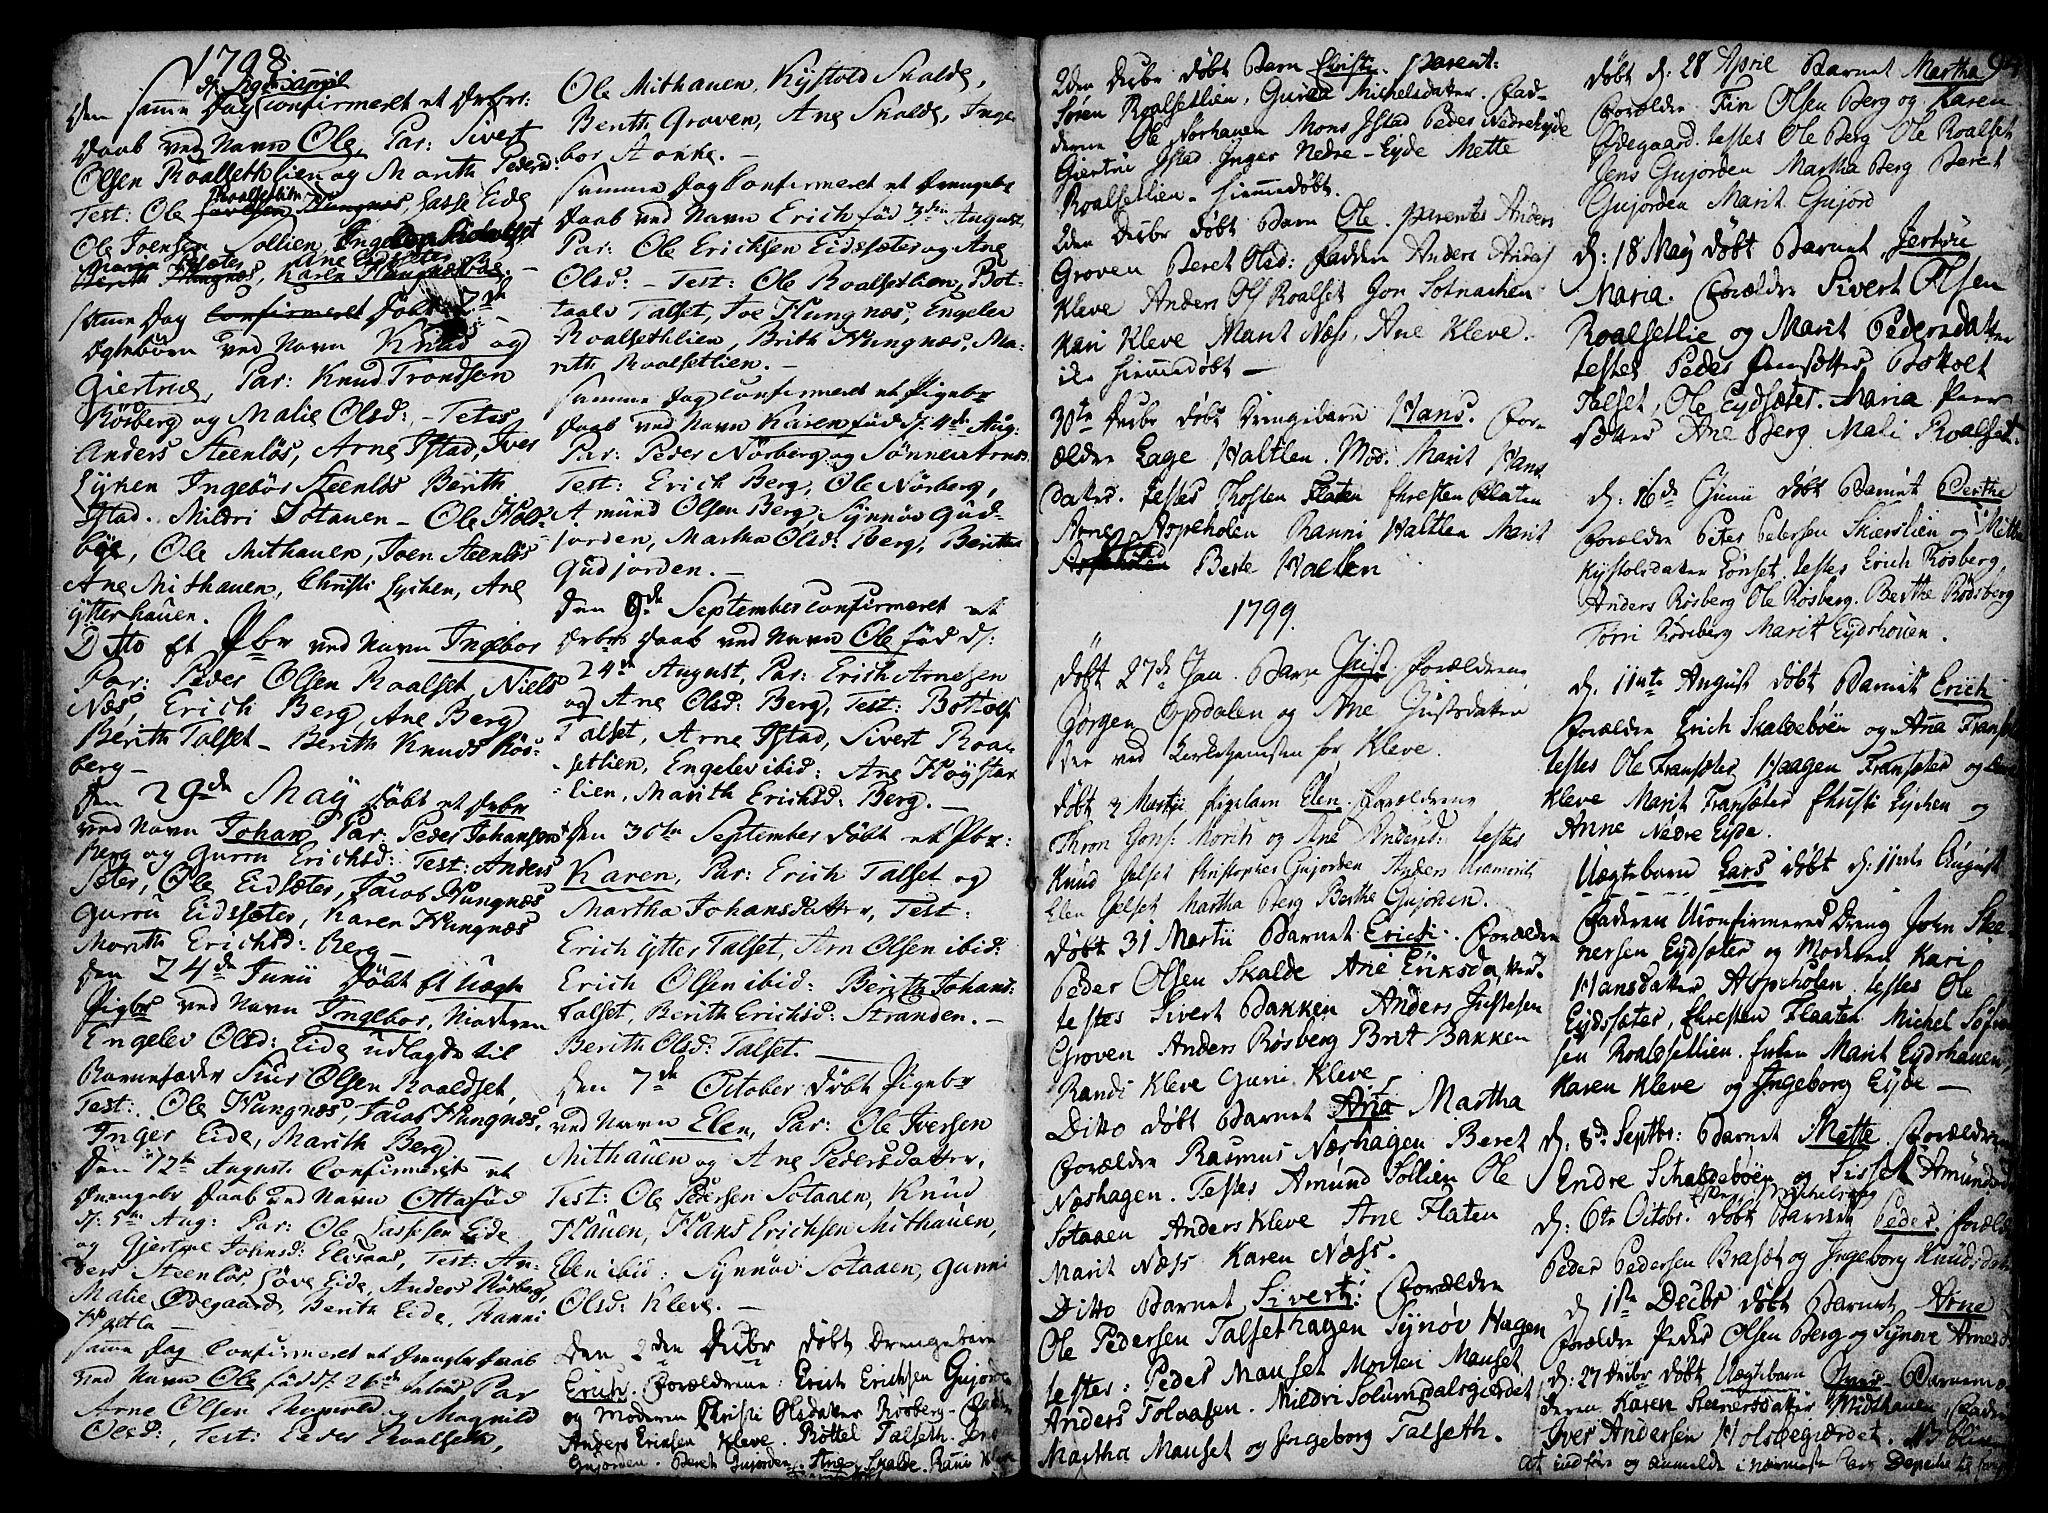 SAT, Ministerialprotokoller, klokkerbøker og fødselsregistre - Møre og Romsdal, 555/L0650: Ministerialbok nr. 555A02 /2, 1798-1821, s. 94